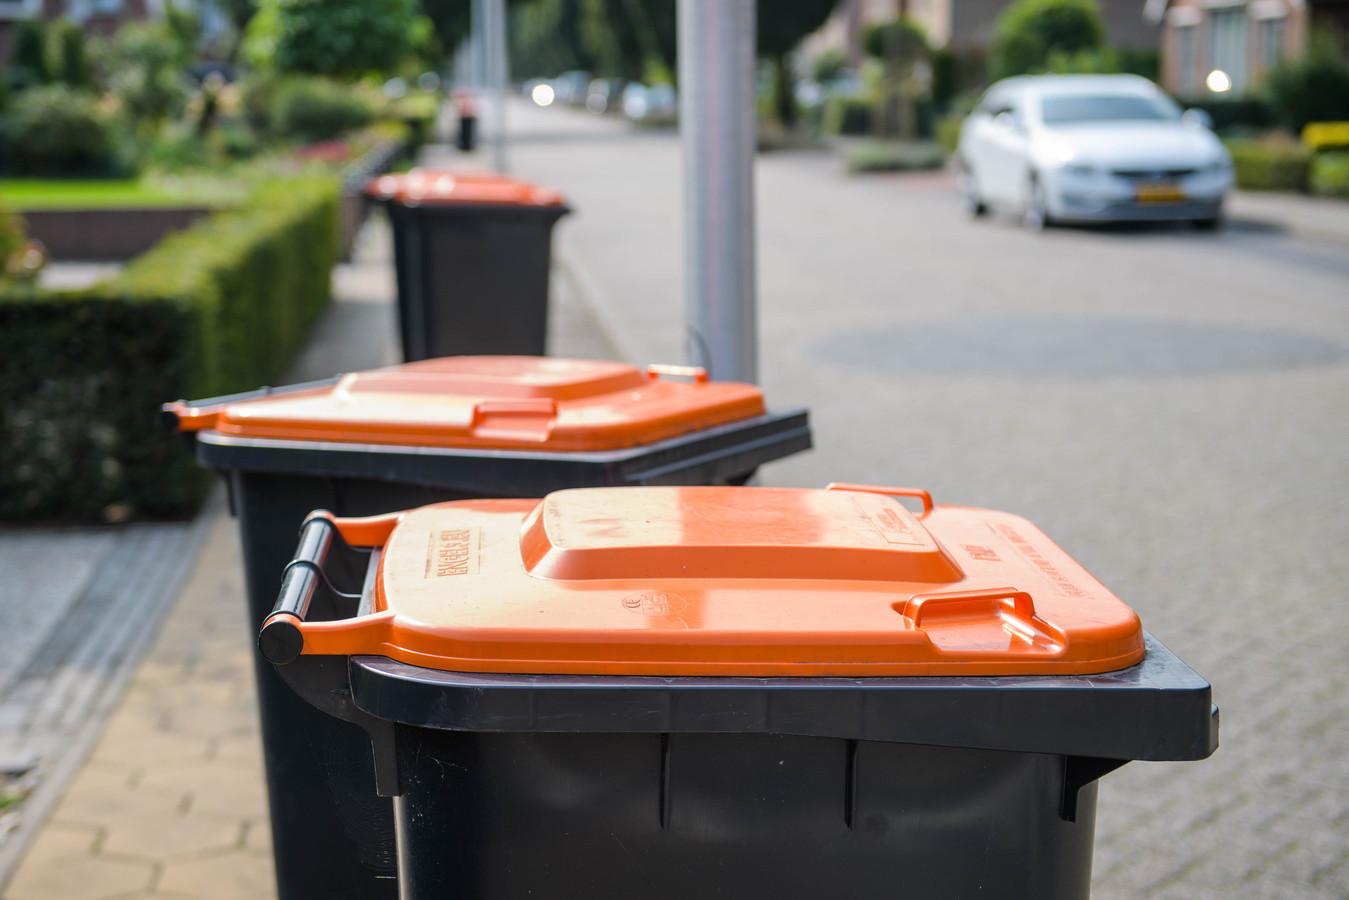 Afval dat niet in de oranje container hoort, zorgt voor een flinke financiële tegenvaller. De gemeente loopt hierdoor 300.000 euro mis.